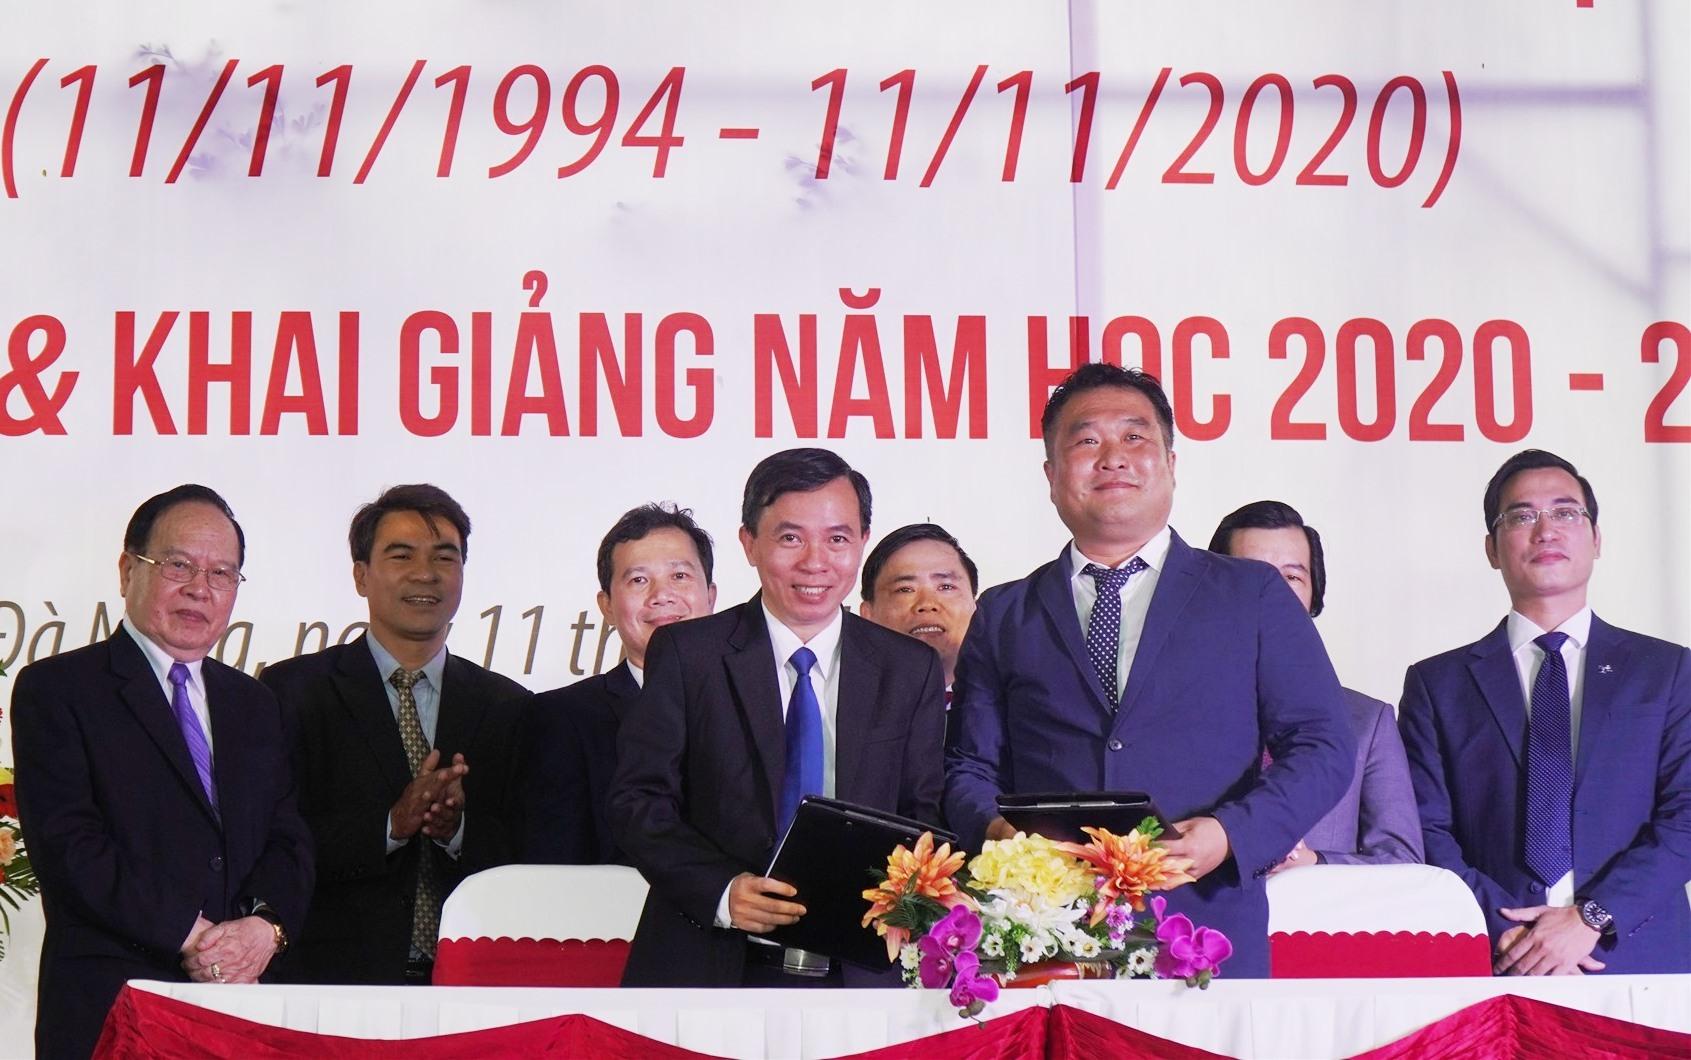 DTU ký kết hợp tác đào tạo và chuyển giao công nghệ với Tập đoàn điện tử LG tại Việt Nam. Ảnh XL